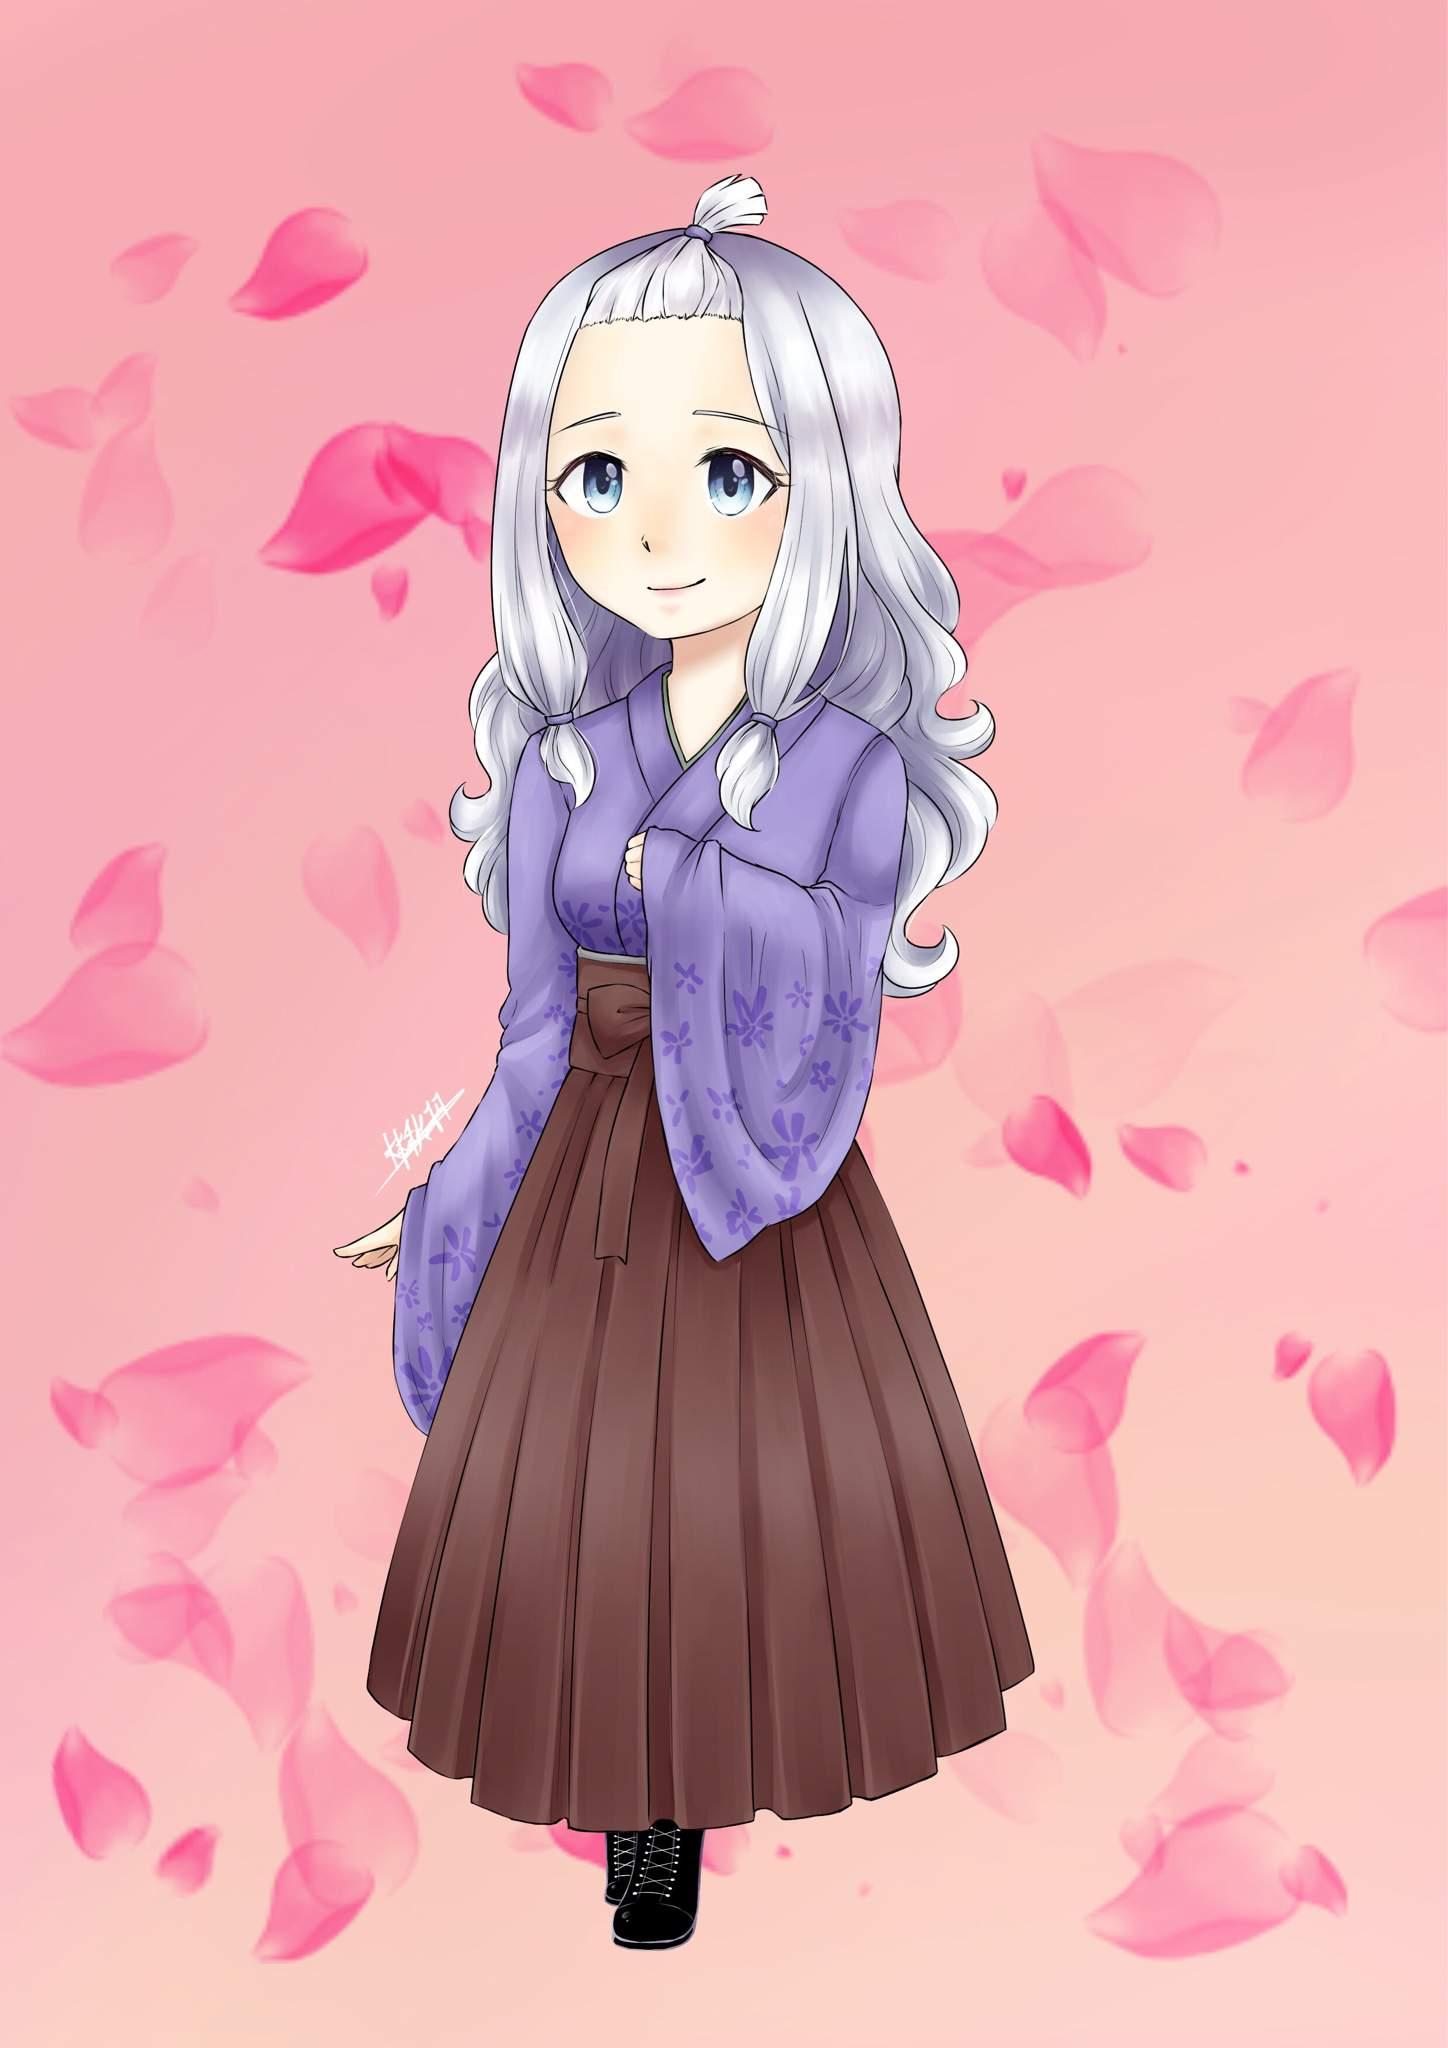 Birthday Gift Mirajane Fairy Tail Amino How many people are named mirajane per year. amino apps